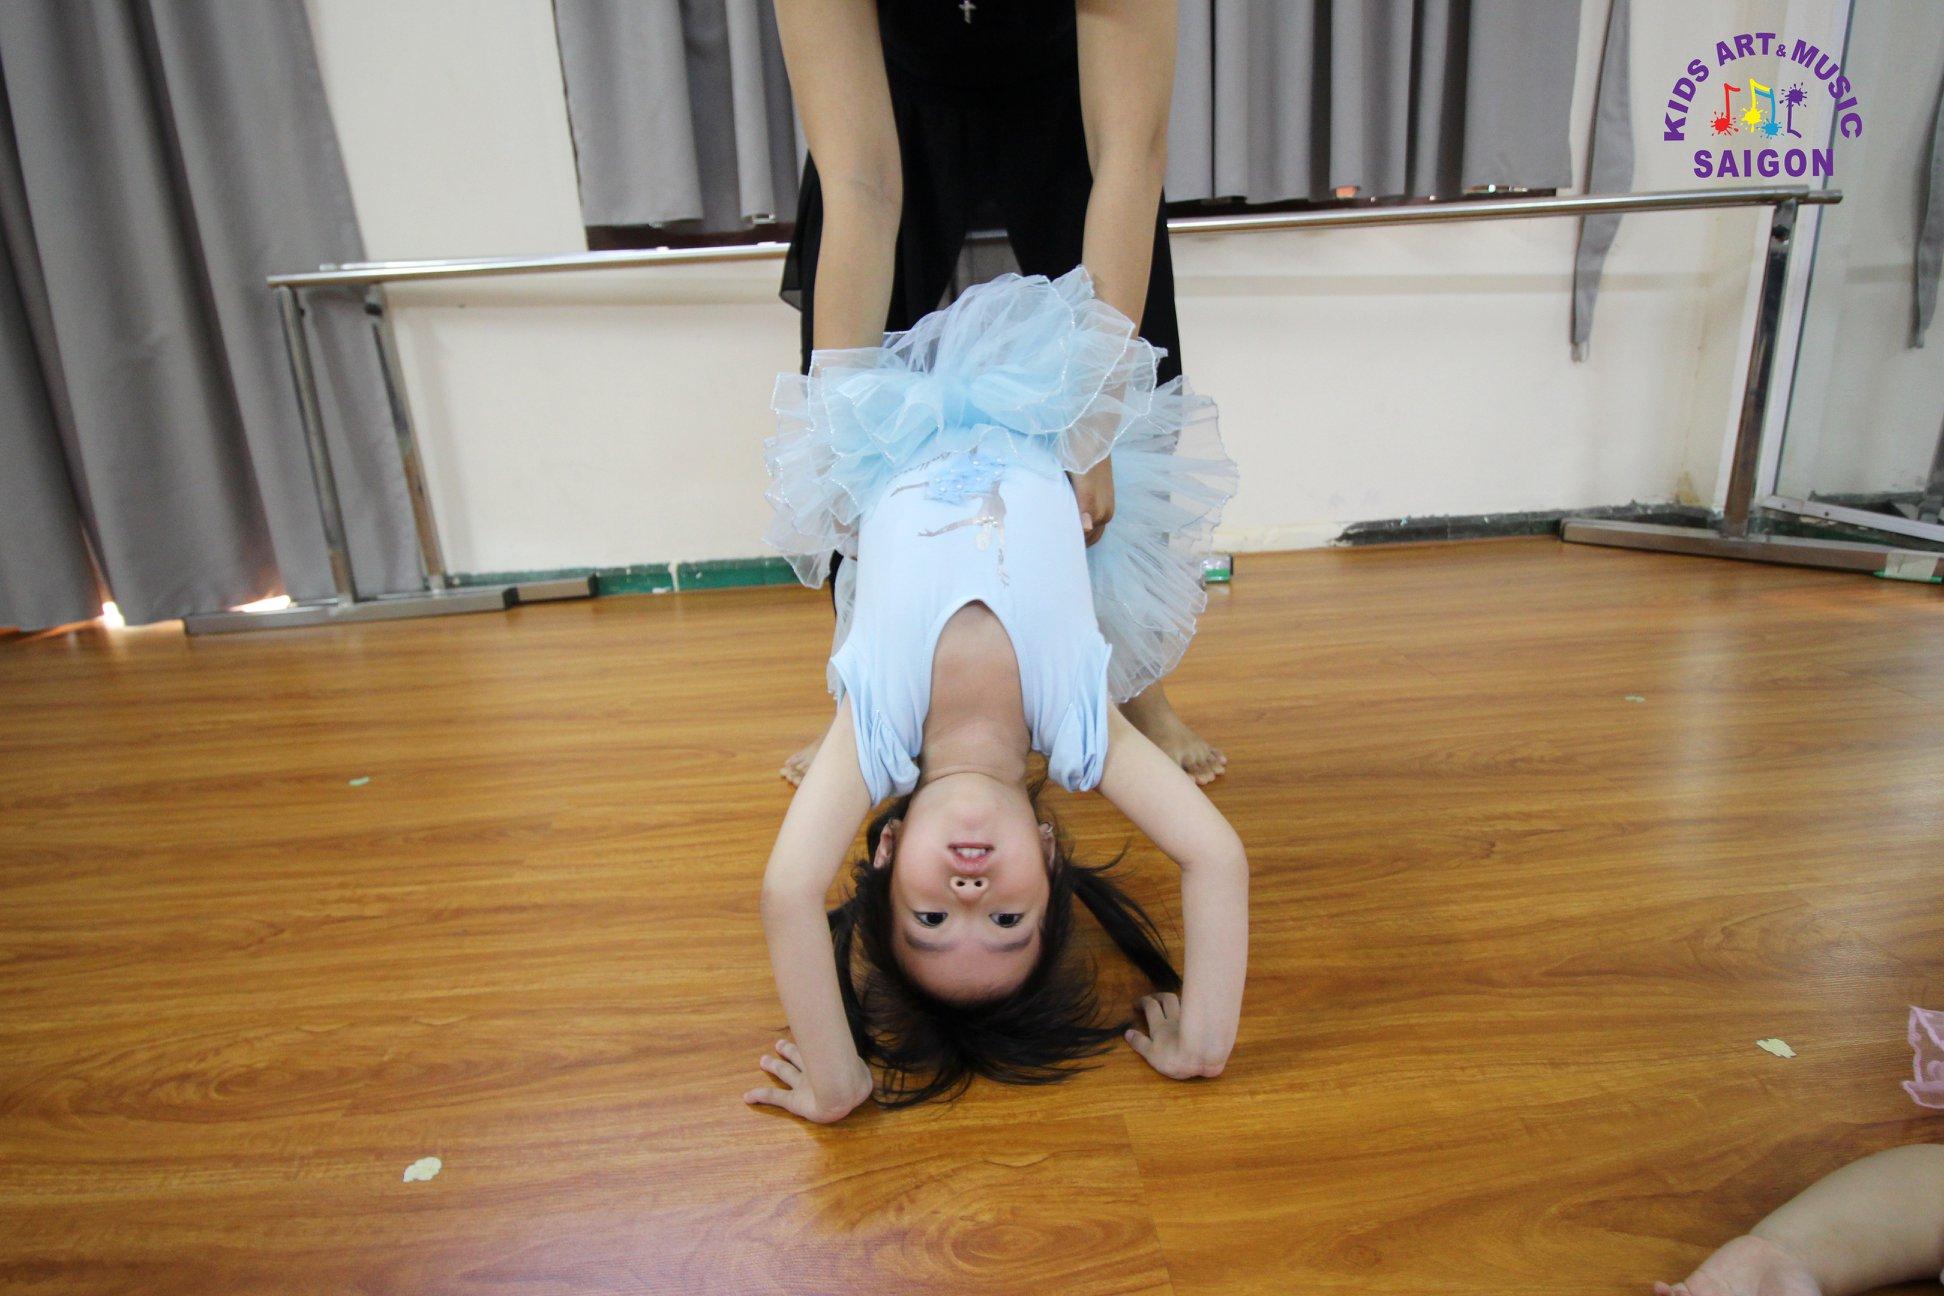 Tham gia lớp dạy múa thiếu nhi – ươm mầm tài năng cho bé ảnh 2